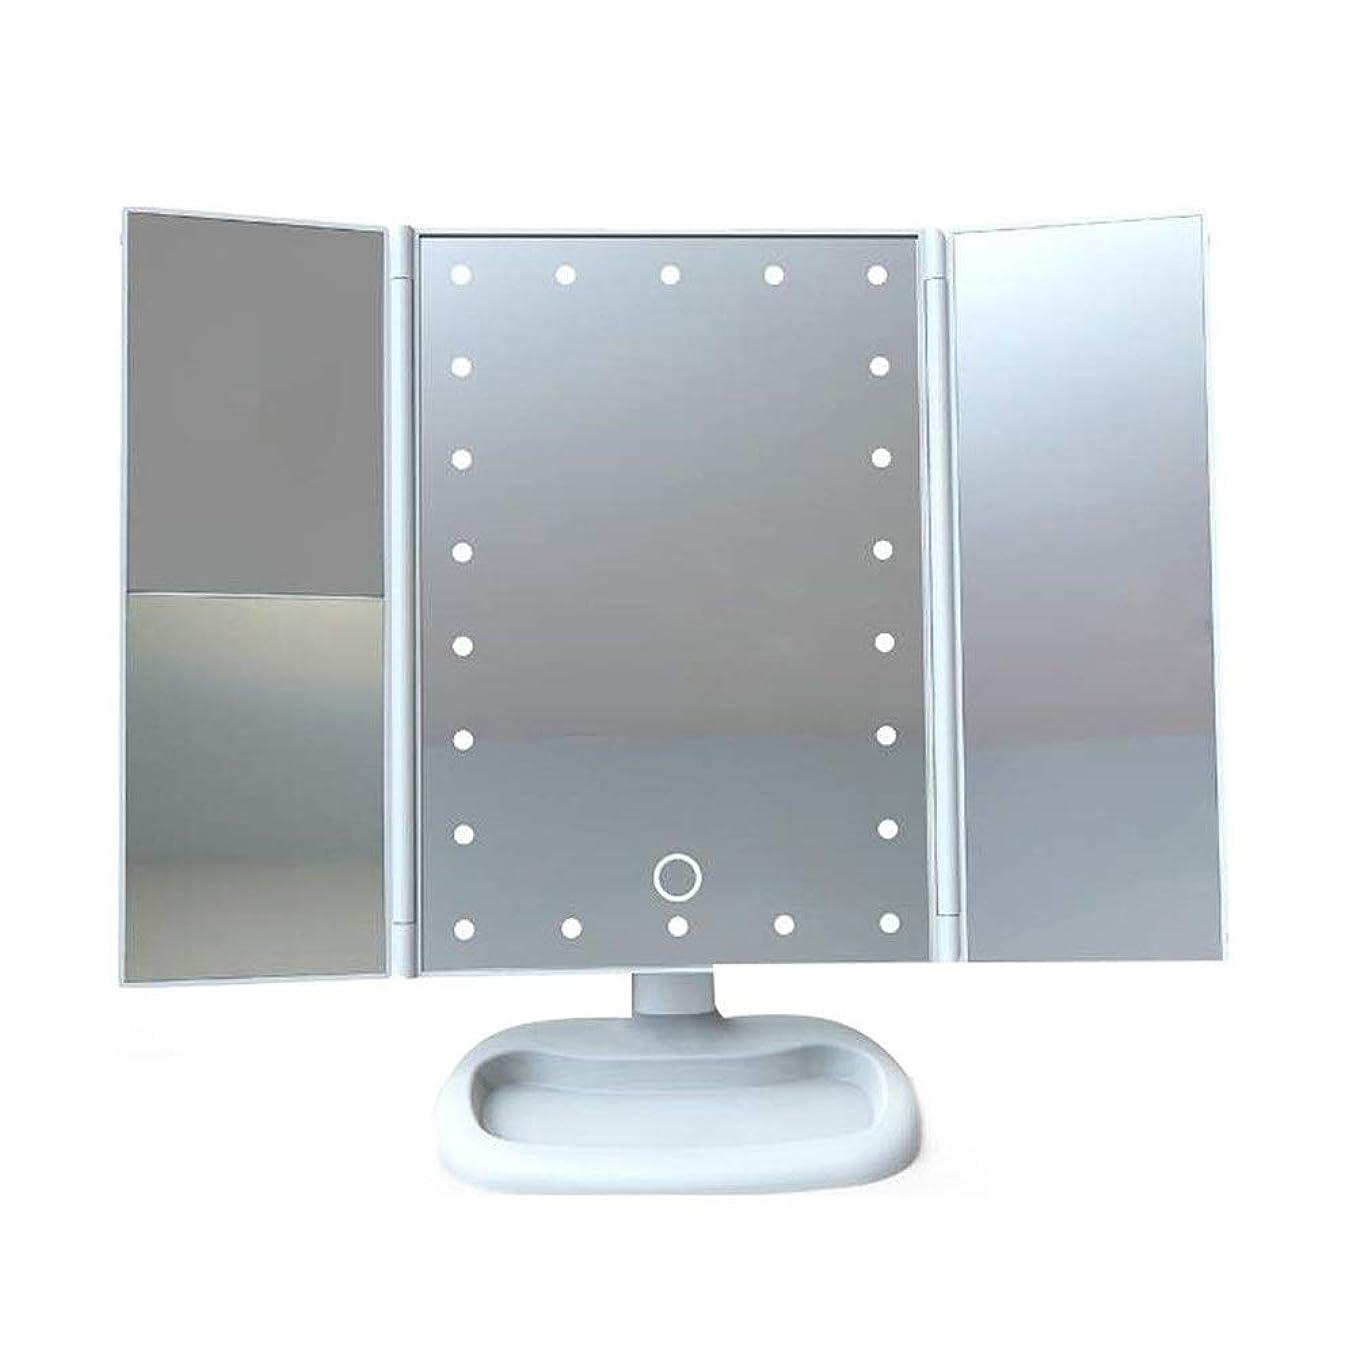 人里離れたシャワー静かな化粧鏡 デスクトップ三つ折り化粧化粧鏡タッチスクリーン180°回転照明付きカウンター化粧品フィルライト3倍/ 2倍/ 1倍倍率調光対応 新年プレゼント (色 : 白, サイズ : ワンサイズ)